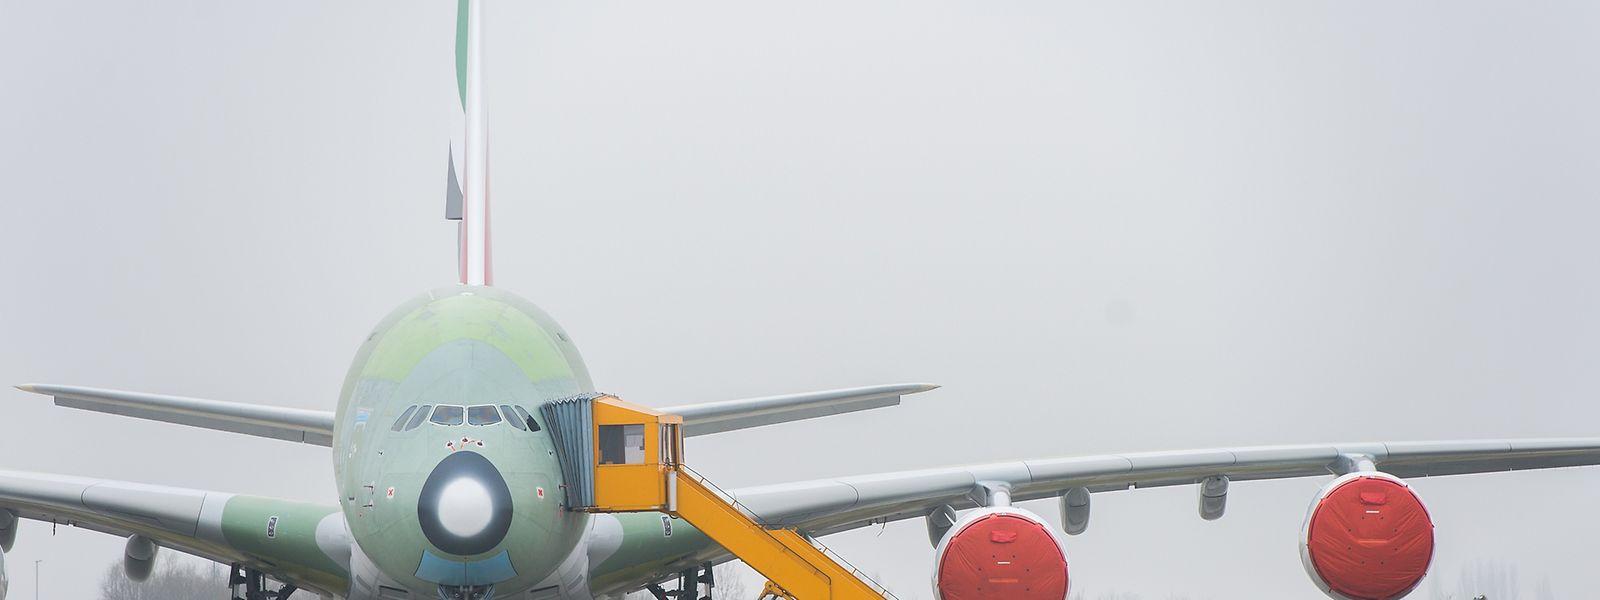 Airbus hatte bereits im Sommer 2016 bekanntgegeben, mangels ausreichender Bestellungen von 2018 an jährlich nur noch zwölf Maschinen des weltgrößtern Passagierjets A380 auszuliefern.